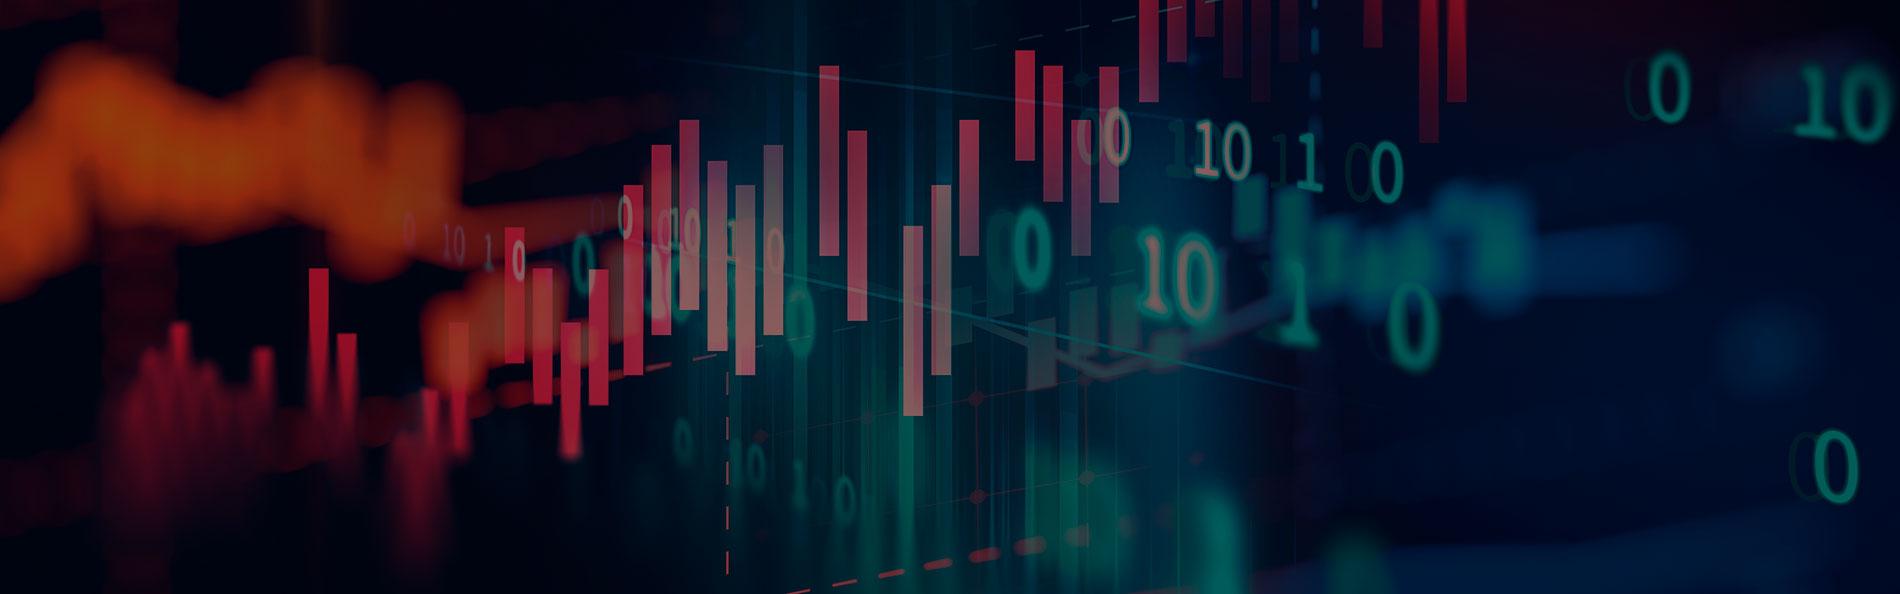 background-analisis-de-datos-con-r